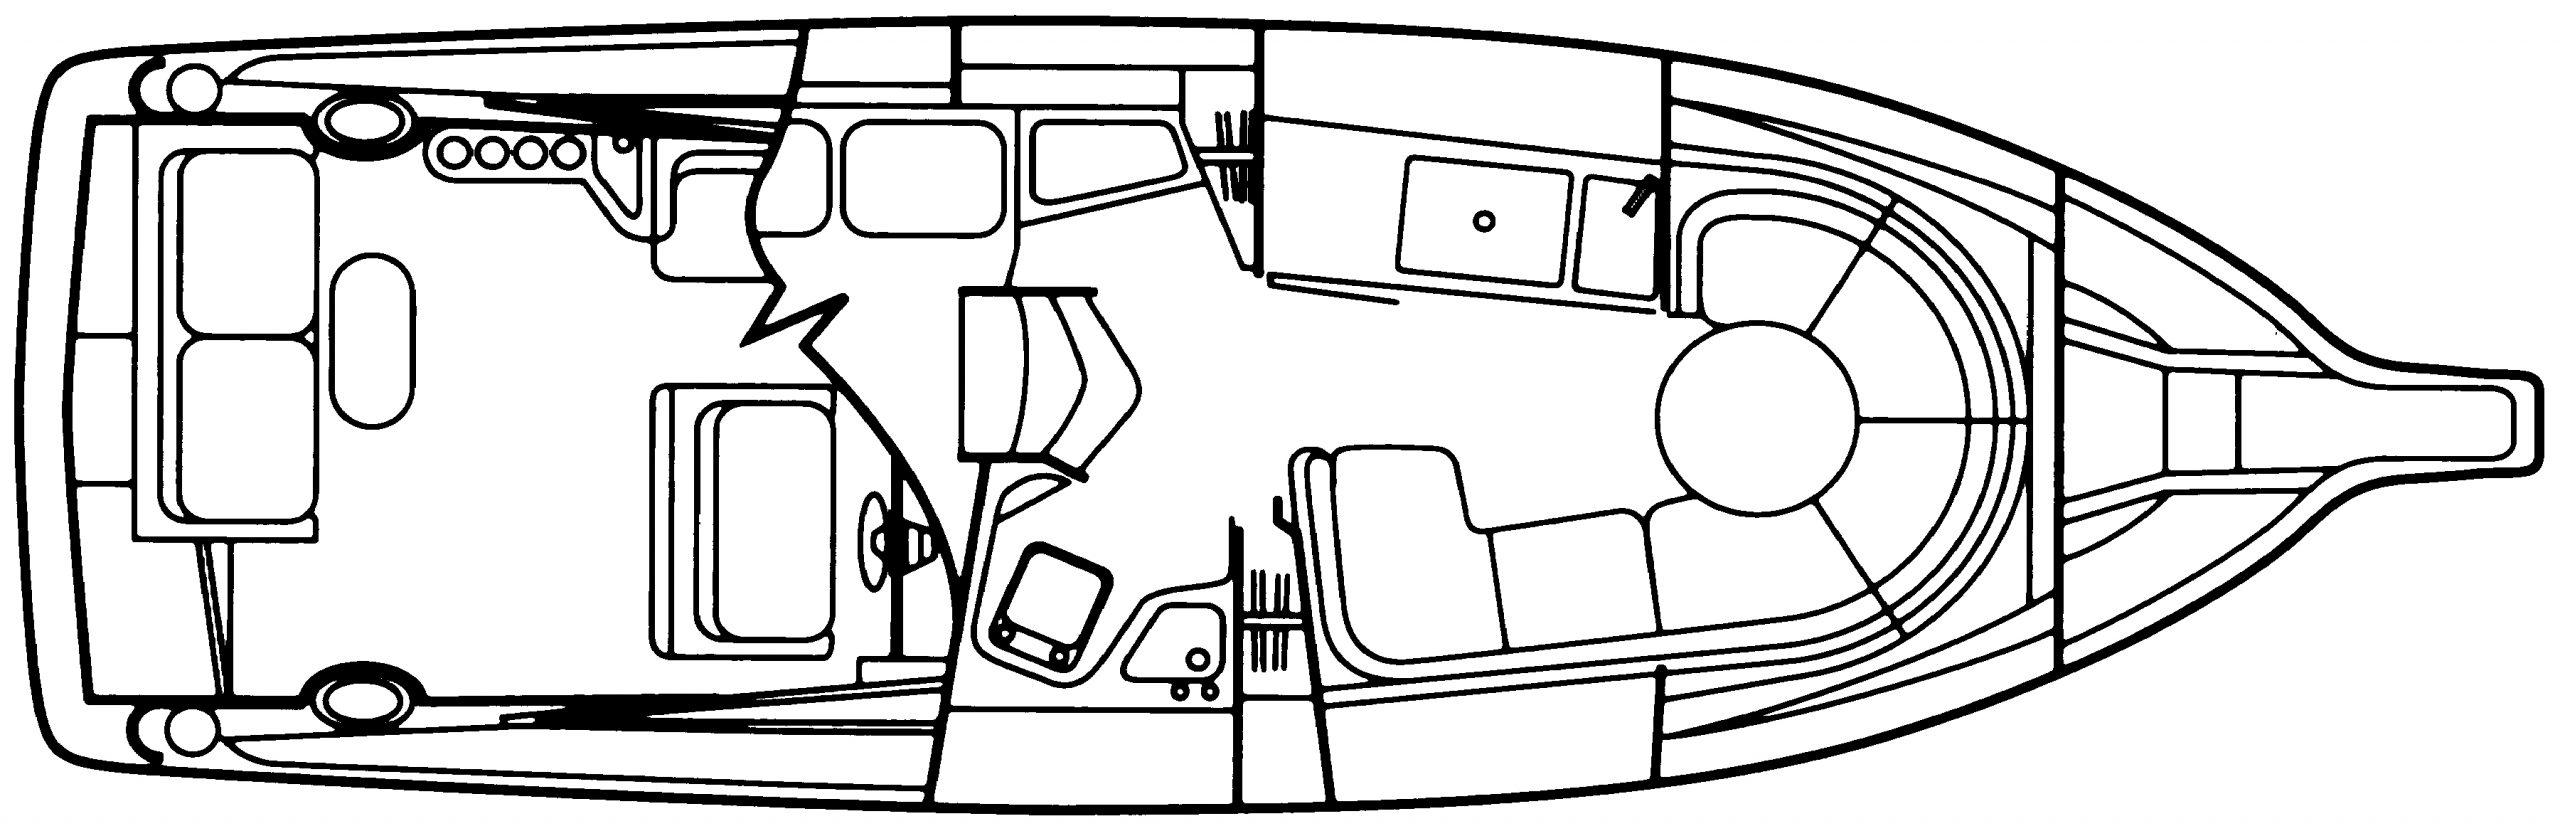 2870 Rogue Floor Plan 1